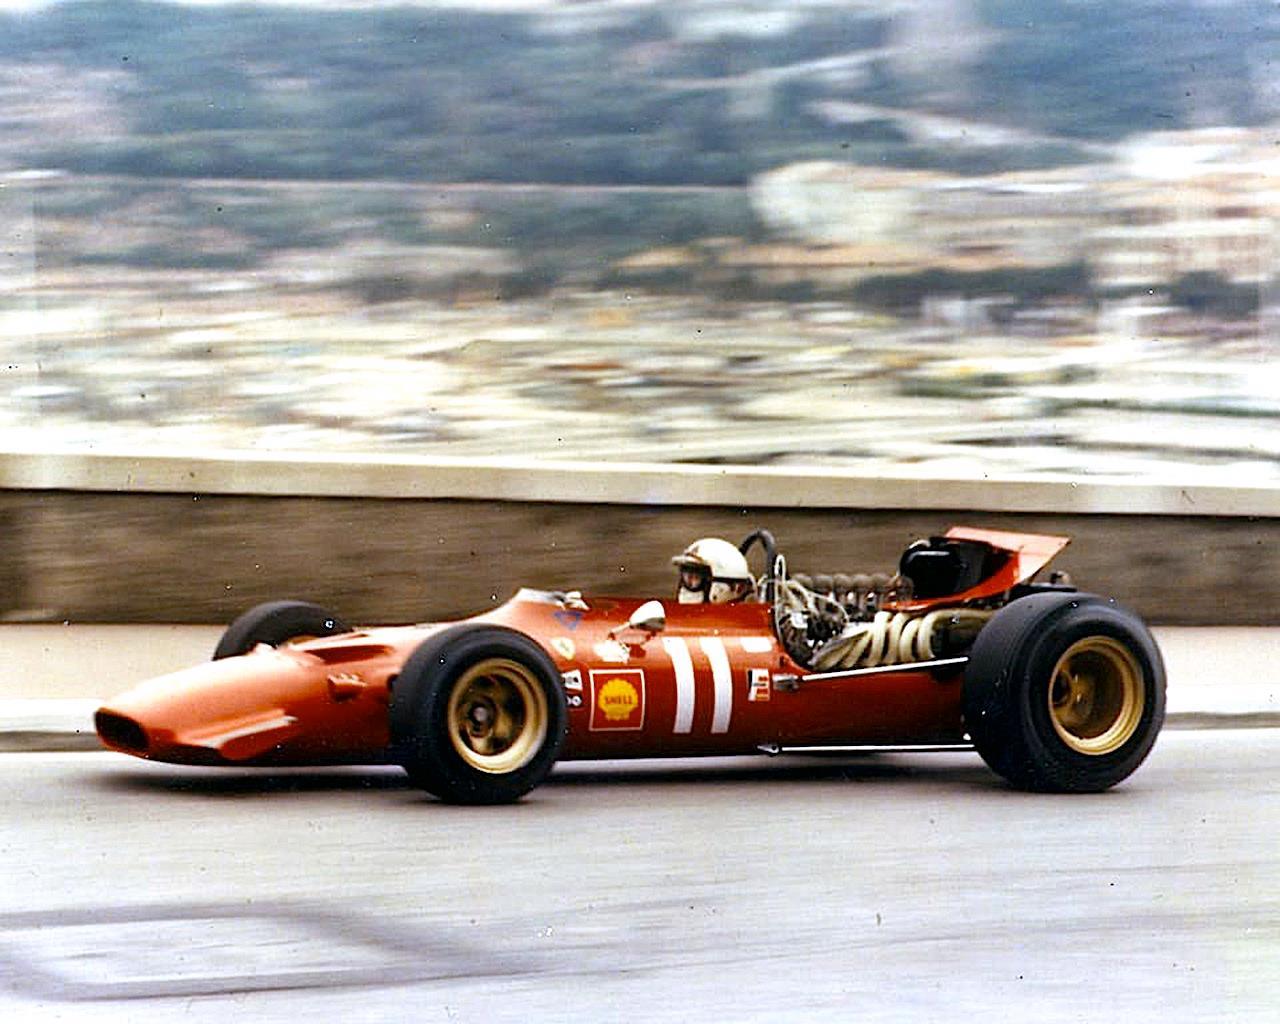 Chris Amon pilotando uma Ferrari em 1966